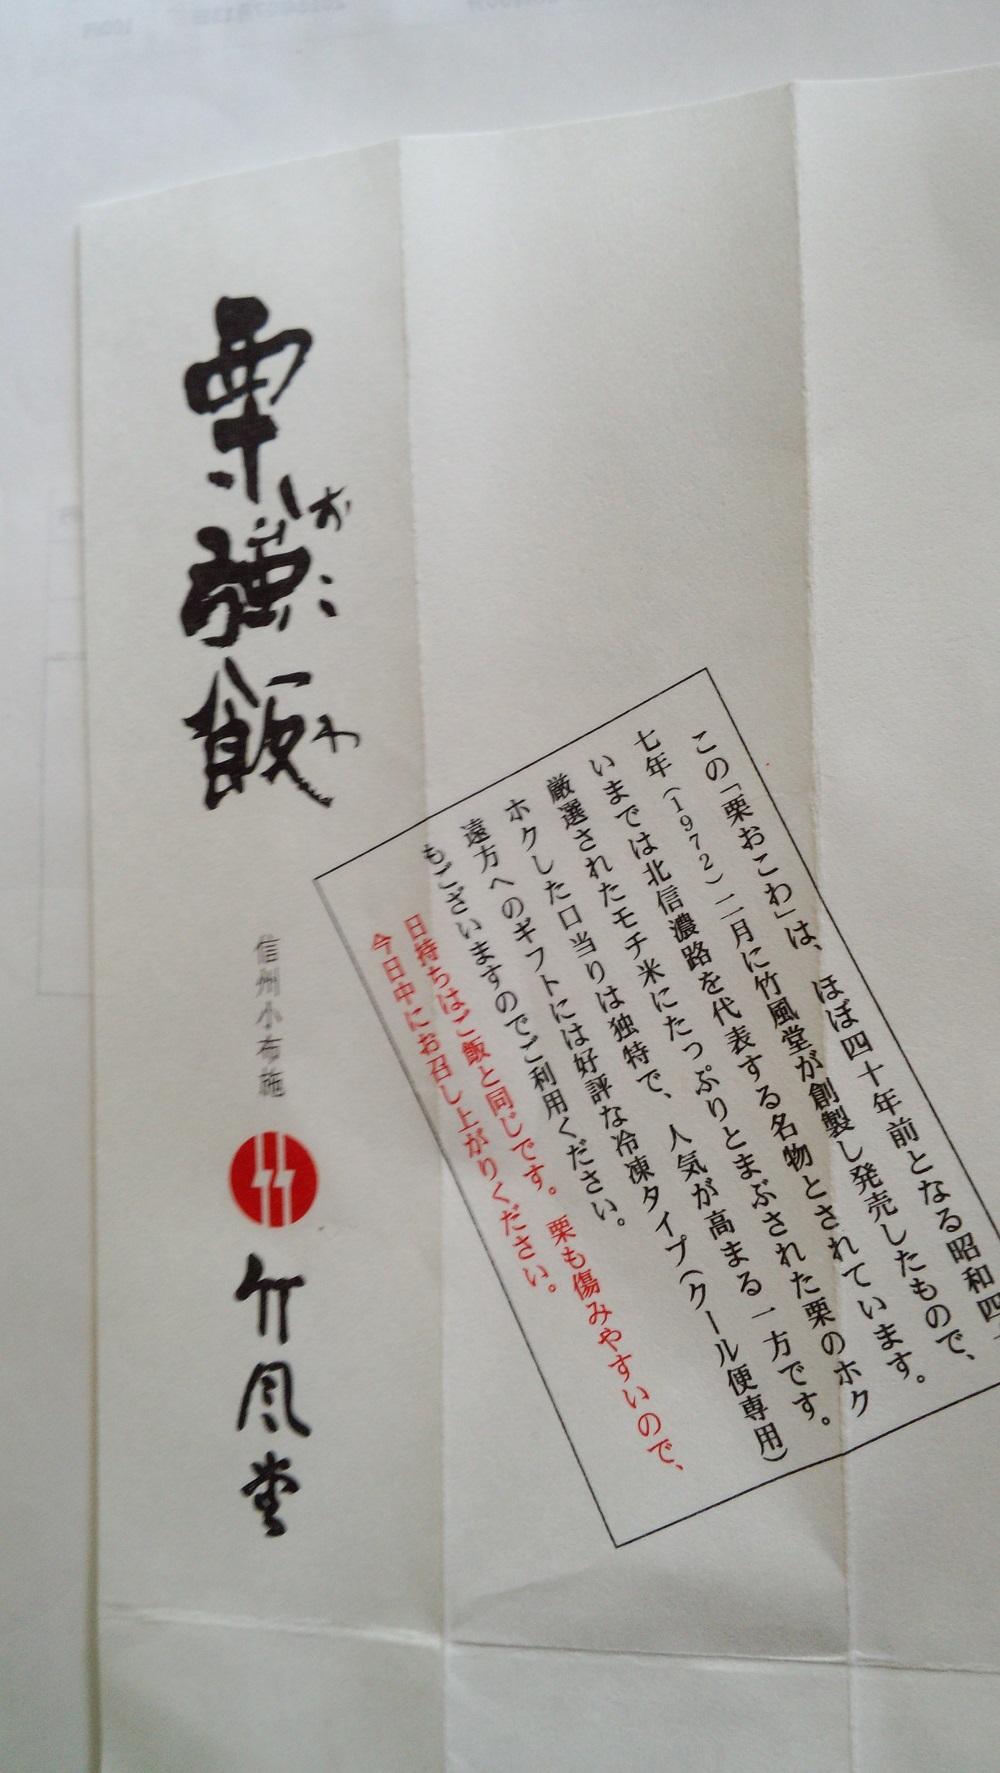 24竹風堂android-20160808090742